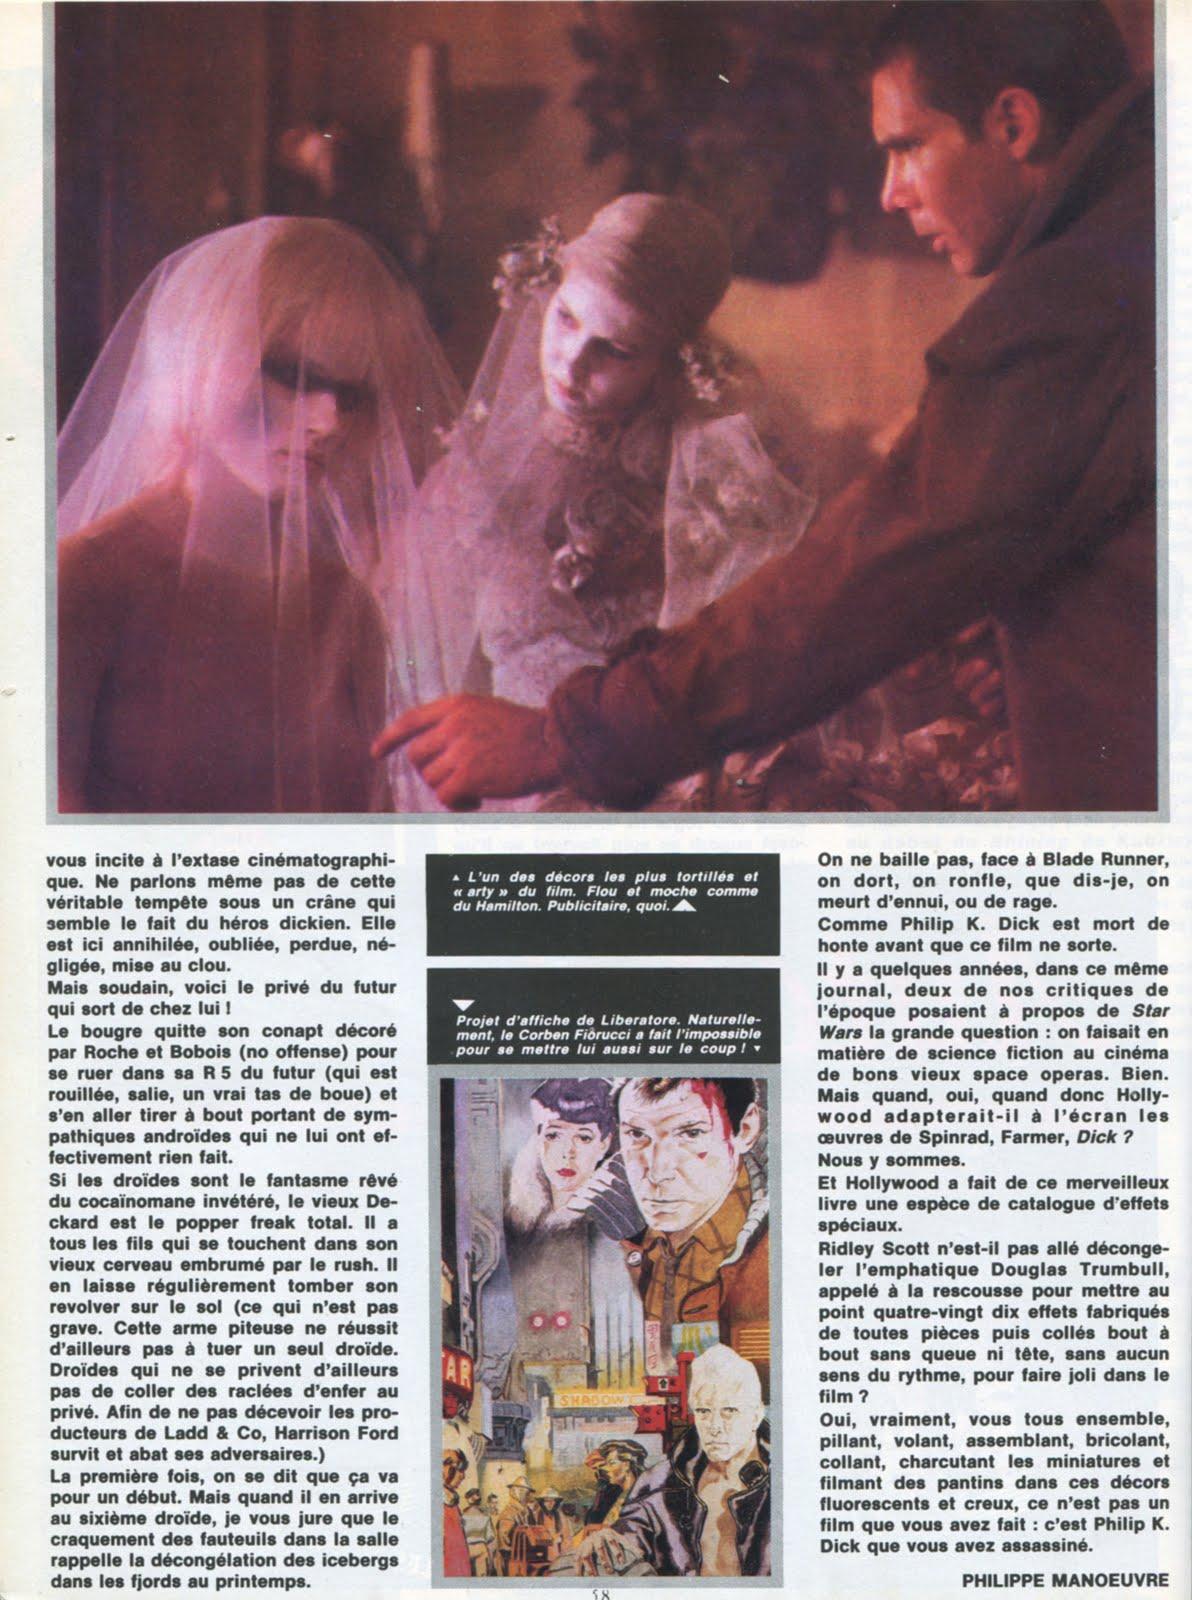 METAL HURLANT (Sept 1982) Blade Runner LA+SECONDE+MORT+PHILIP+K.+DICK+6